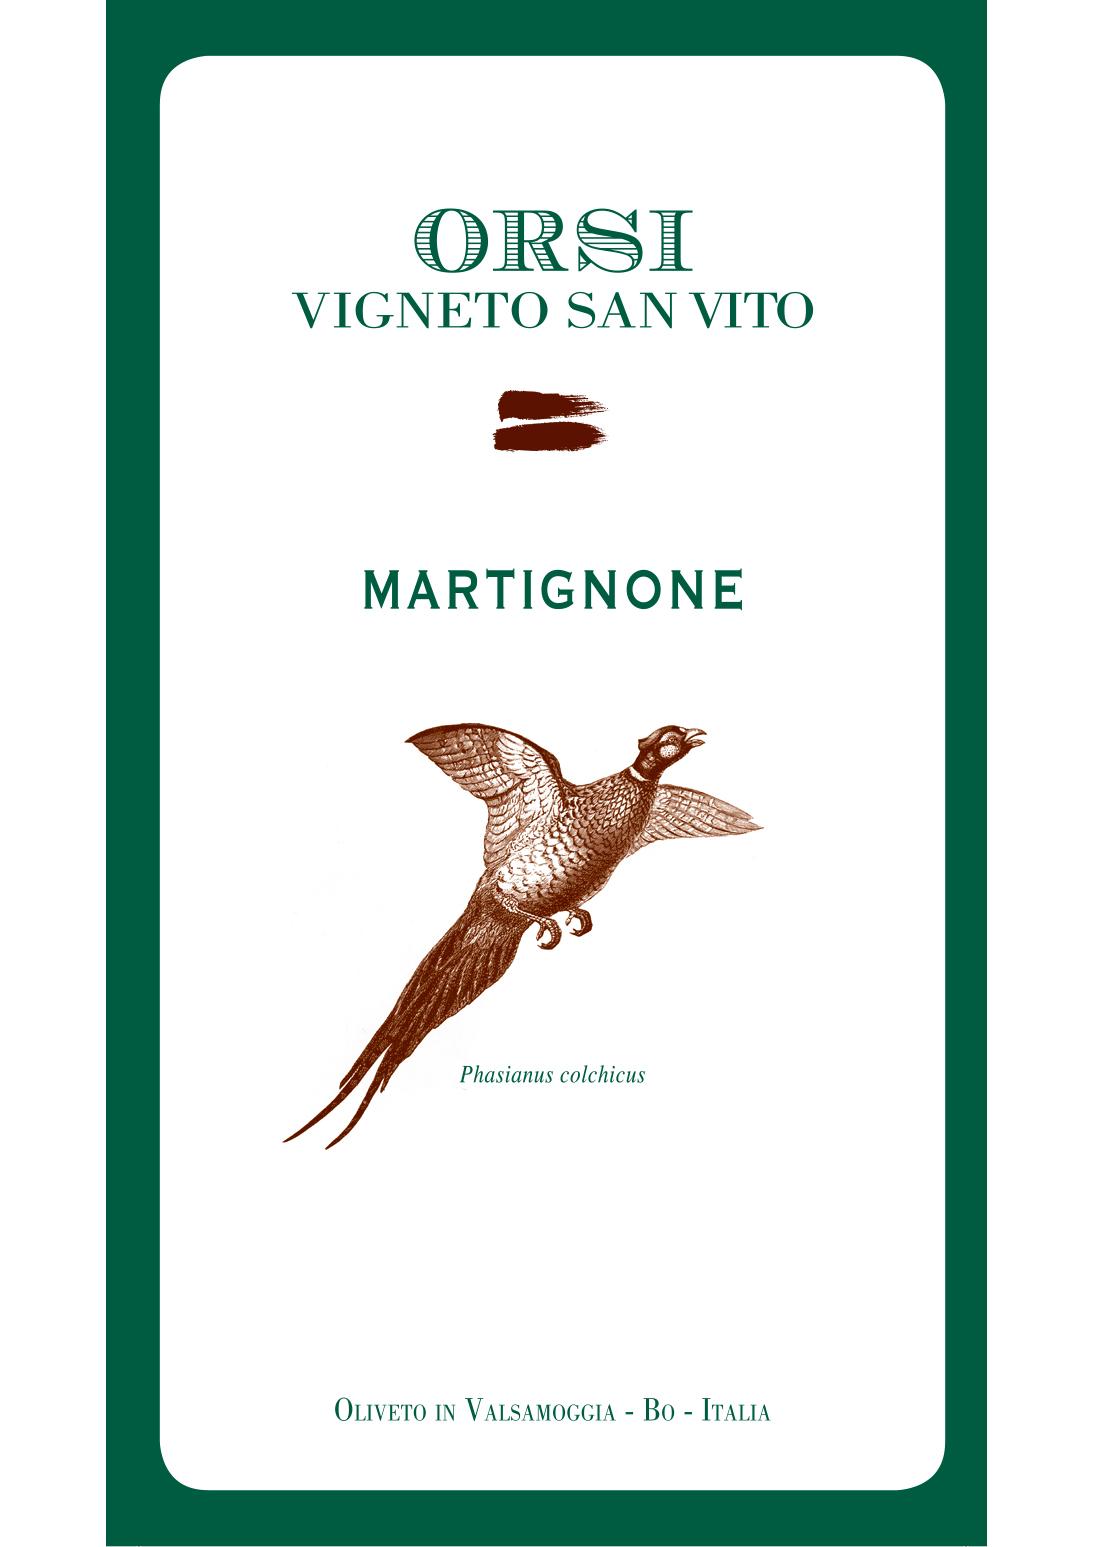 Martignone Image